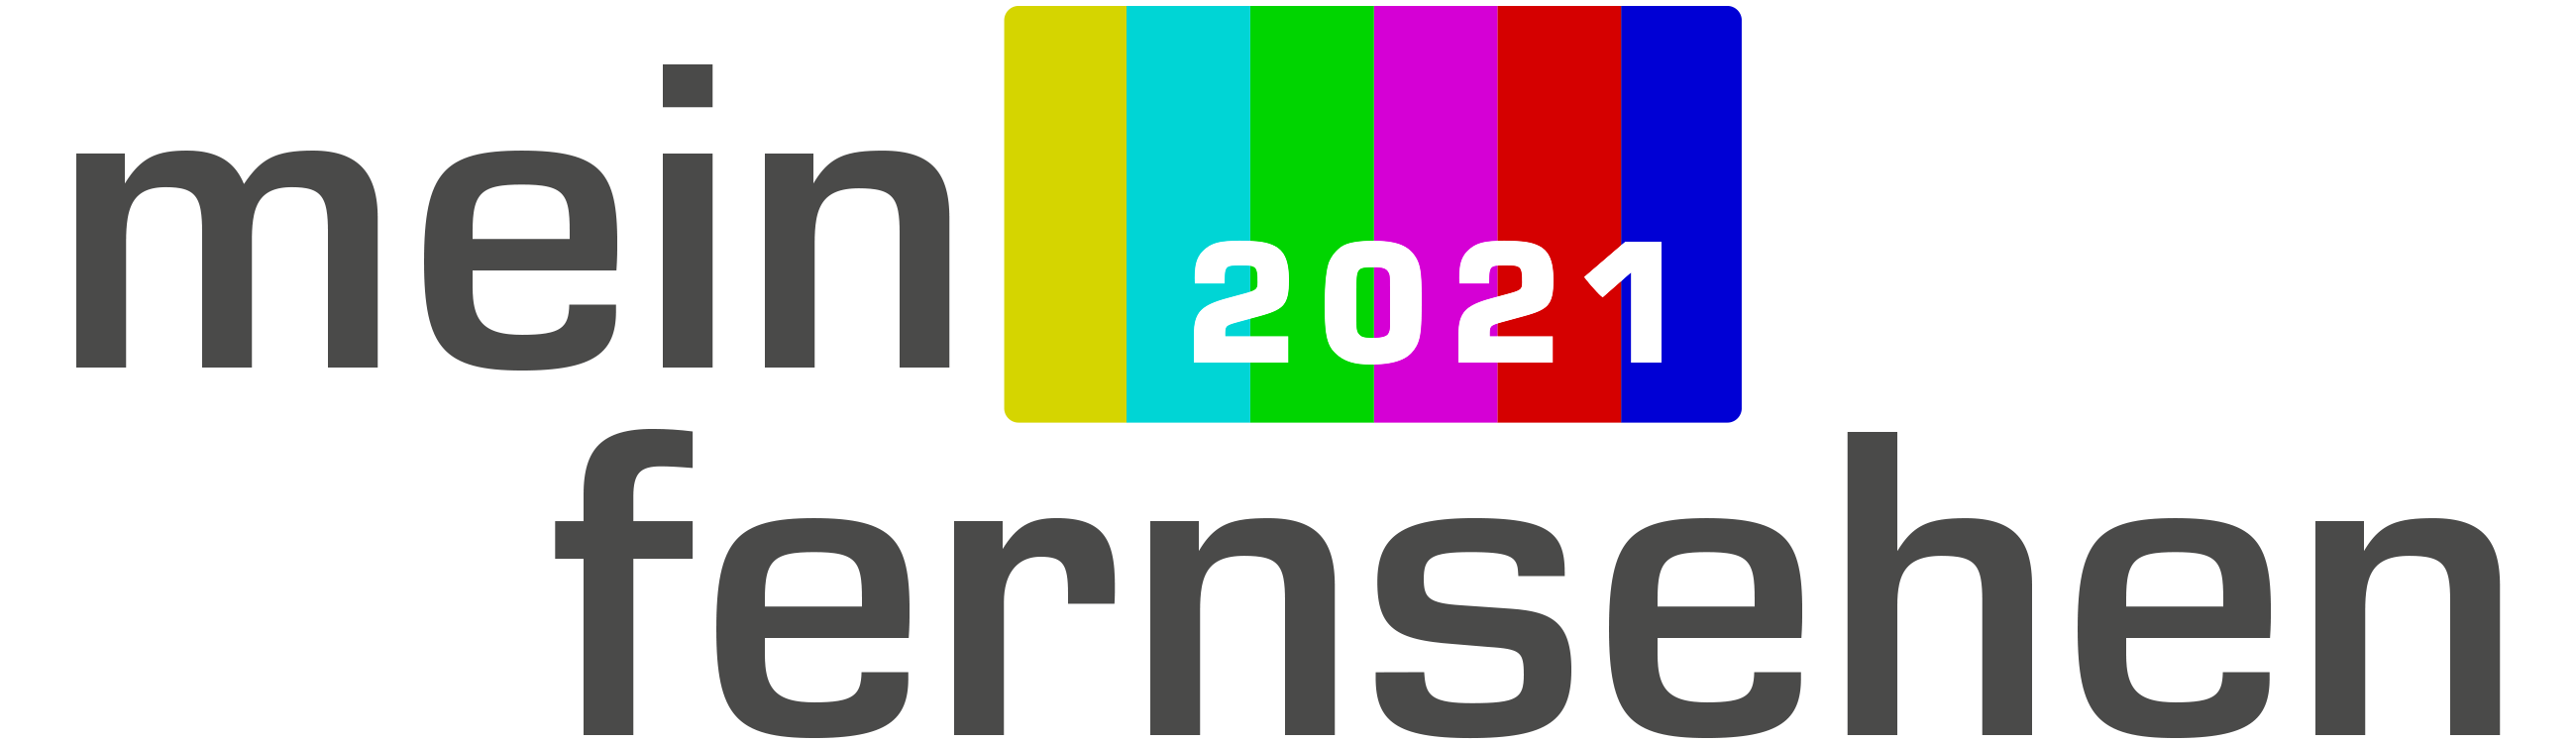 meinfernsehen2021